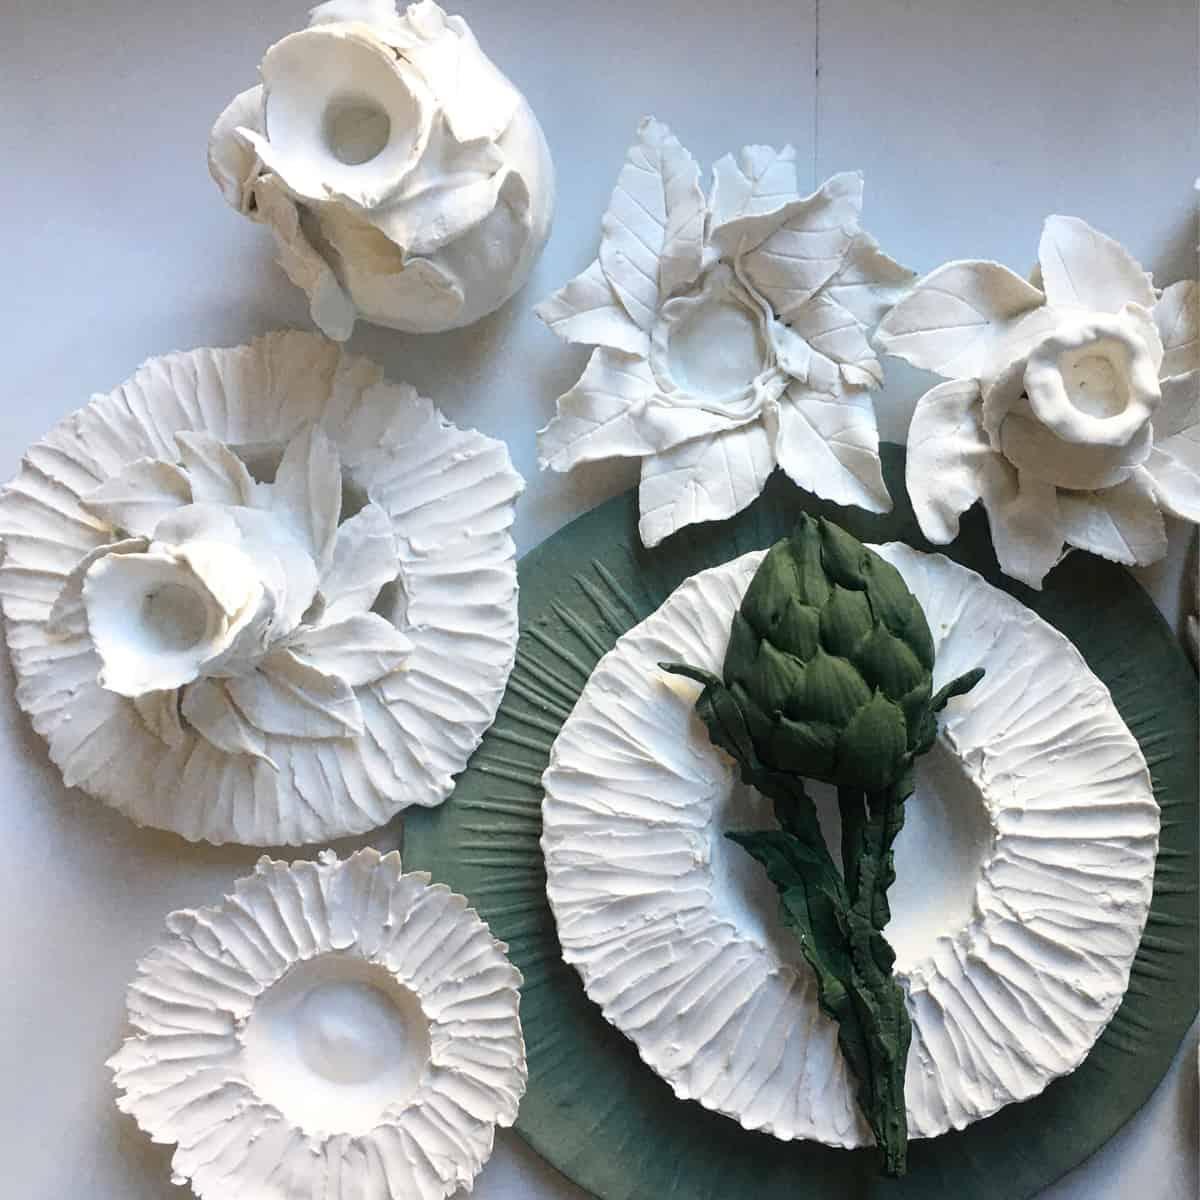 Plats et bougeoirs en porcelaine ©Virginie Boudsocq